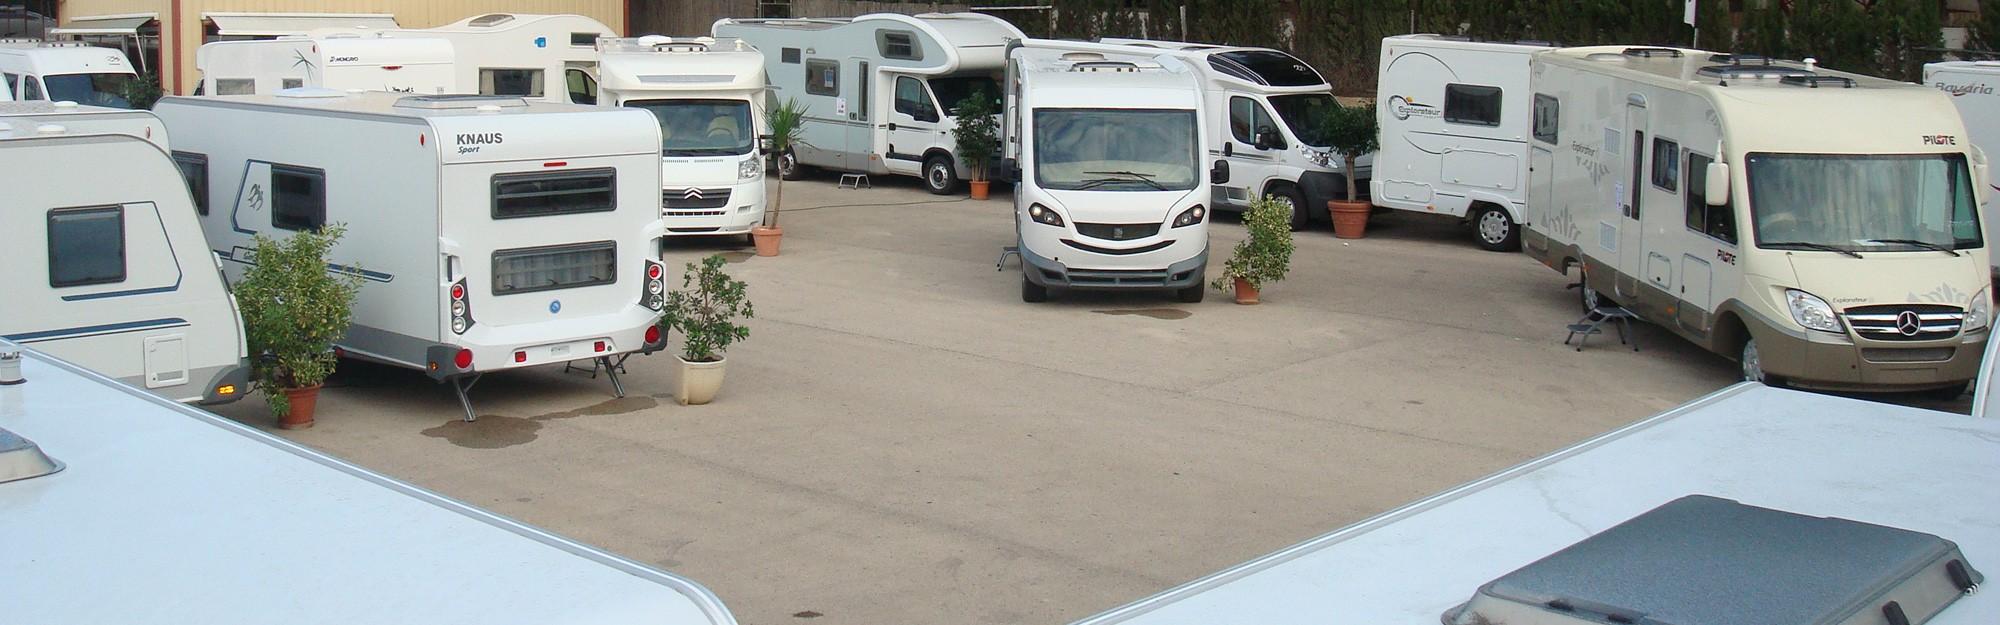 Instalaciones de Caravanas Ortiz con diferentes modelos